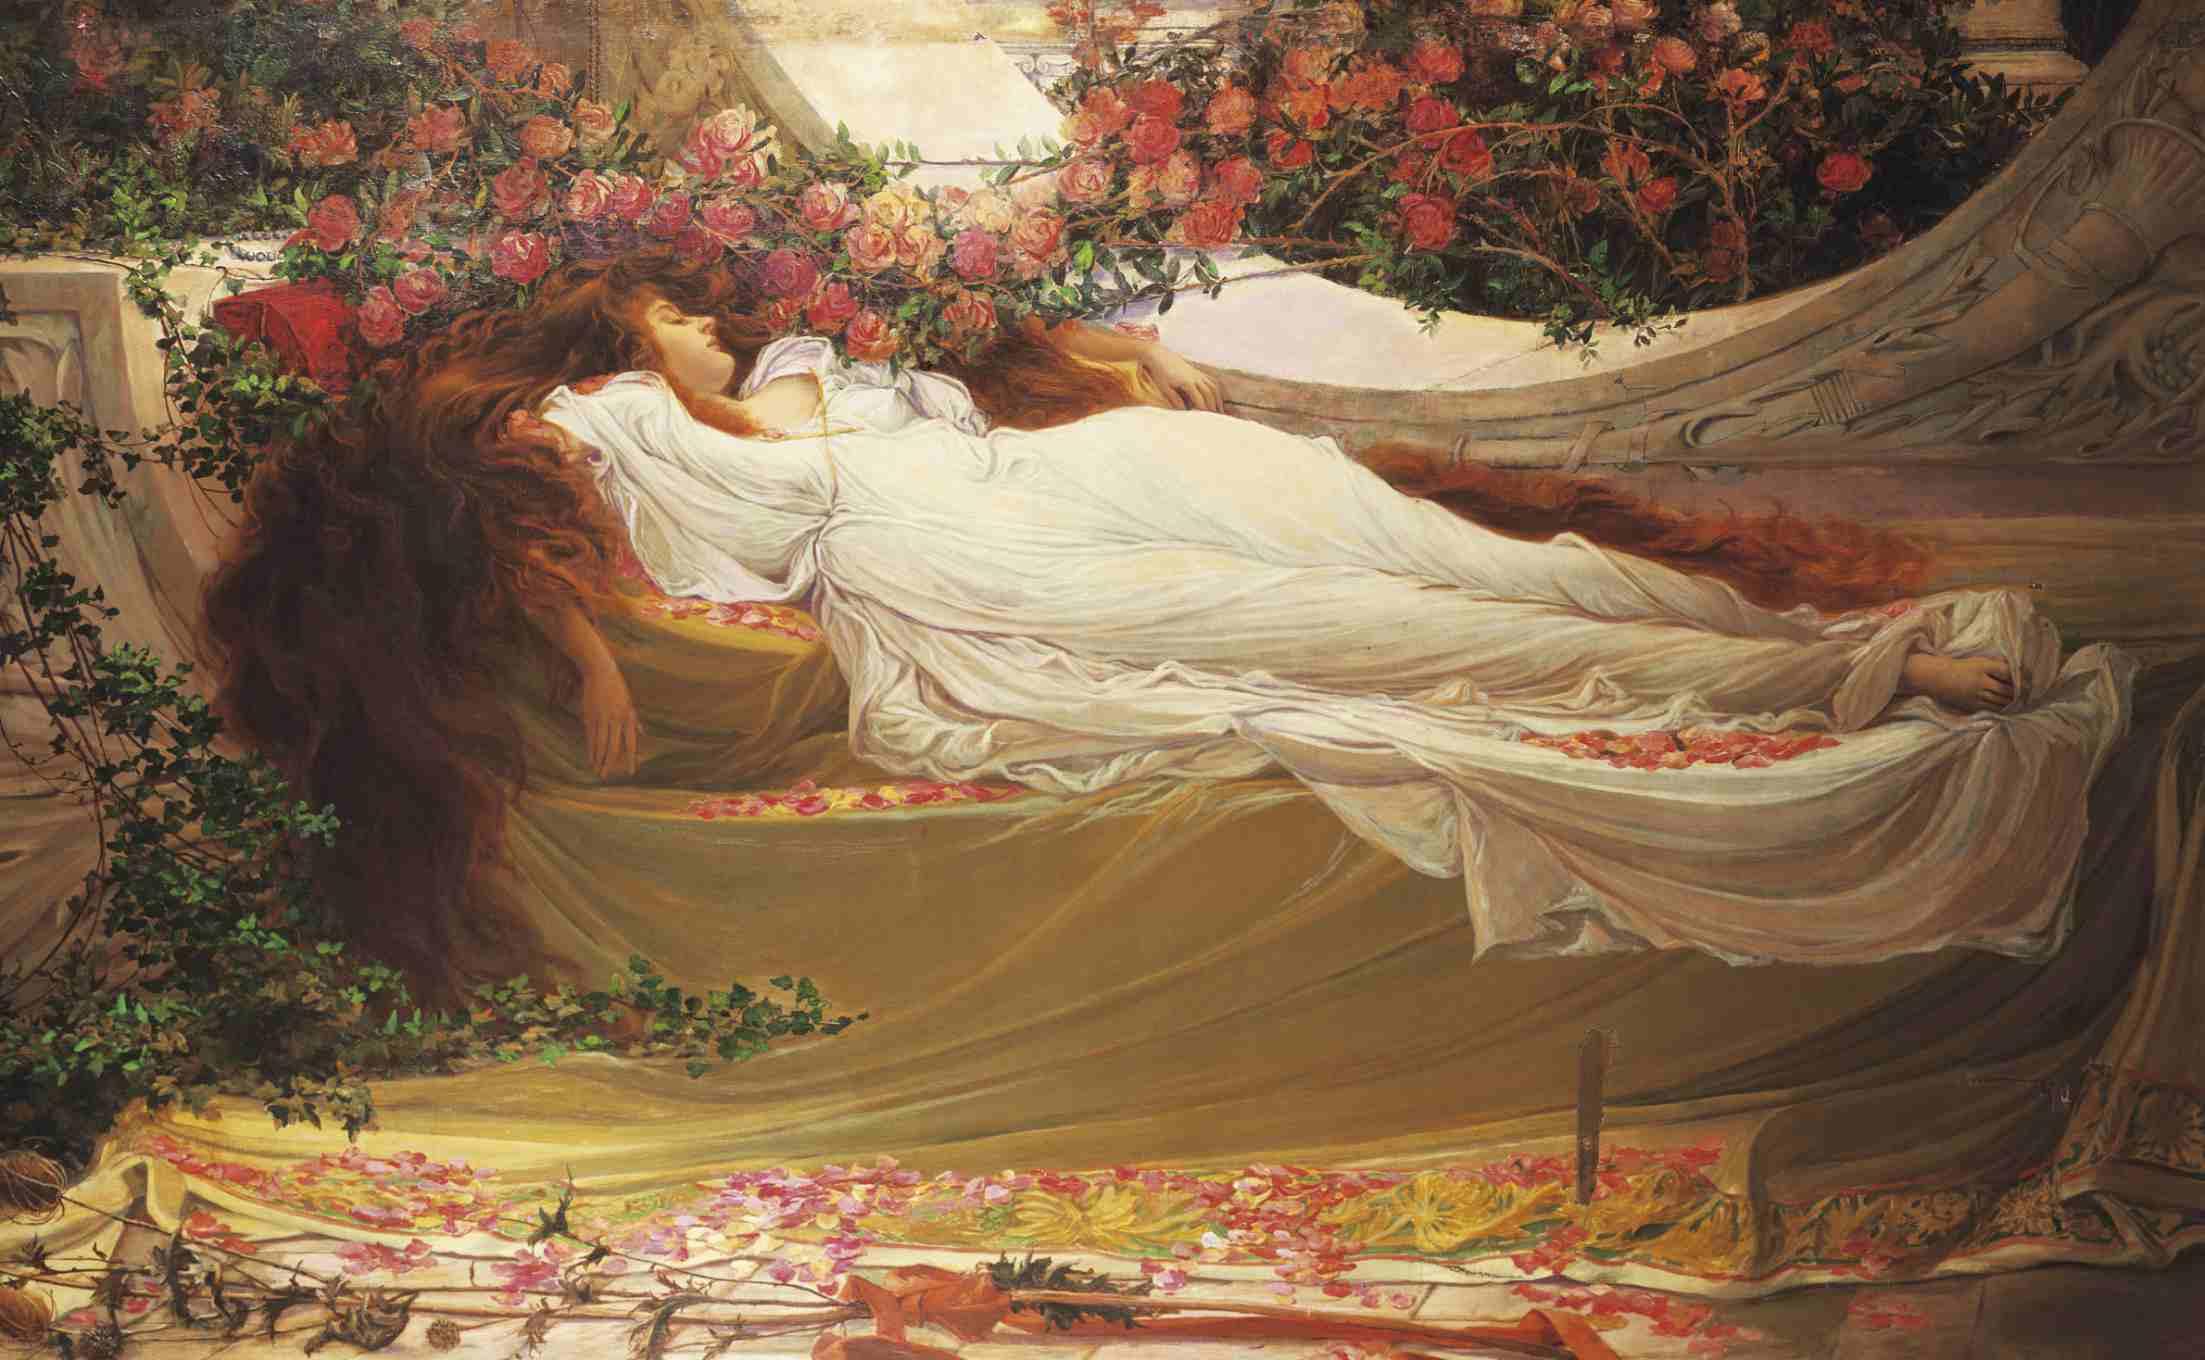 Le bella durmiente